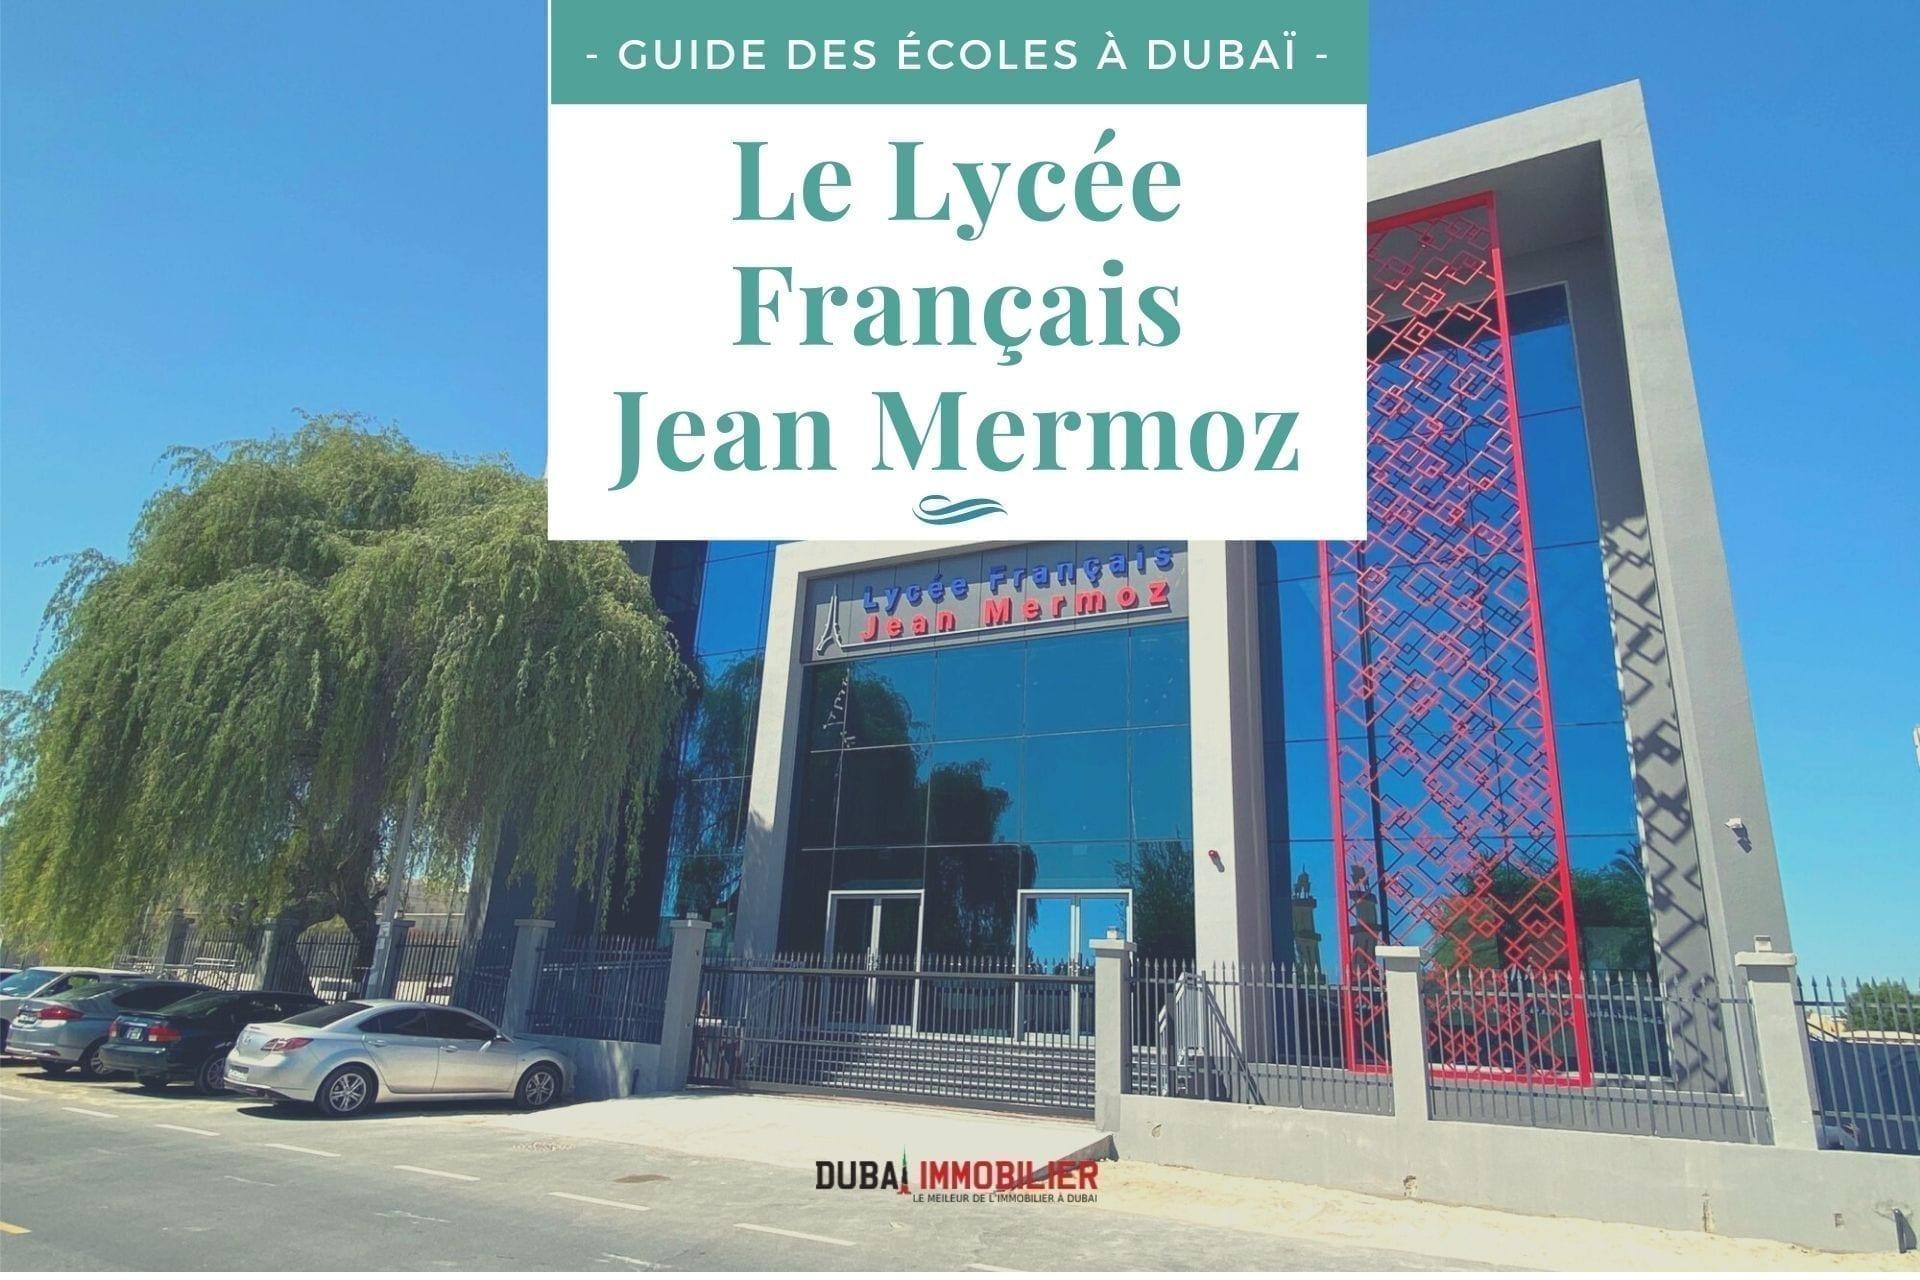 [Guide des écoles françaises à Dubaï] Lycée Français Jean Mermoz